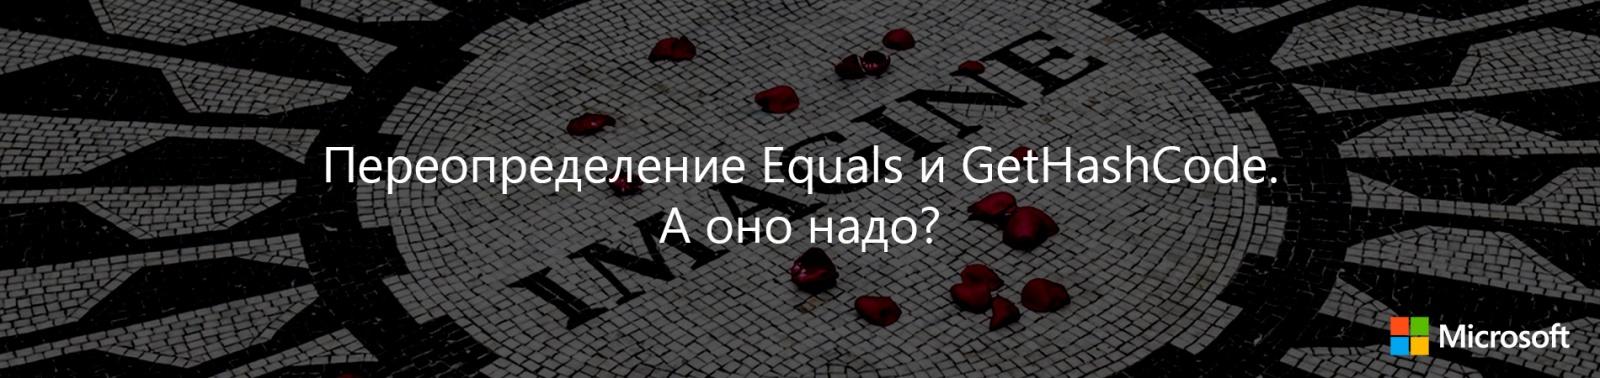 Переопределение Equals и GetHashCode. А оно надо? - 1